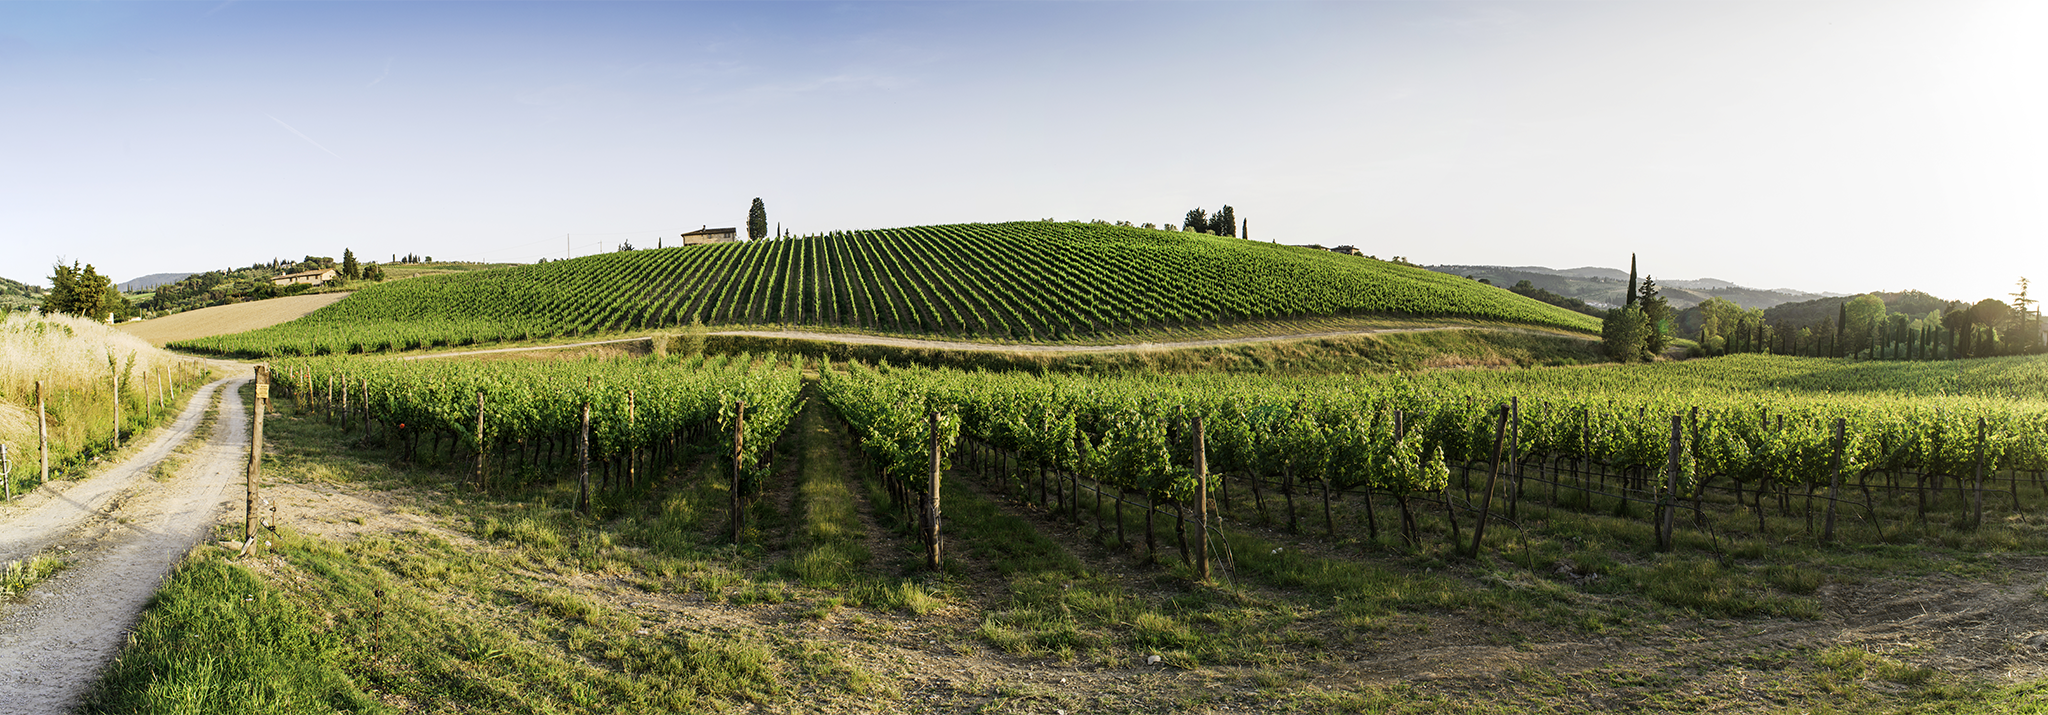 toscane-daviddi-aldimaro-wine